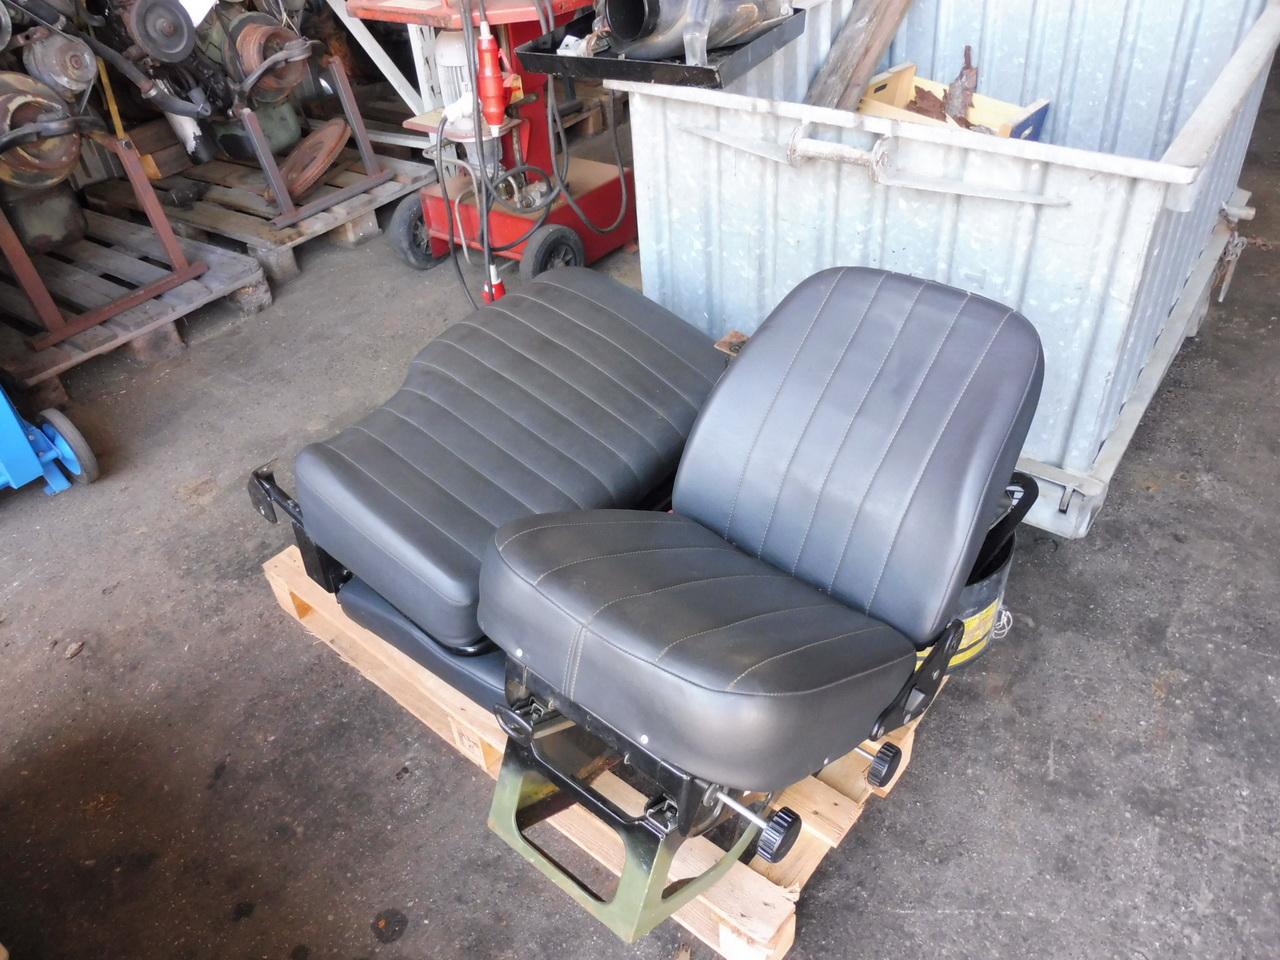 fahrersitz und beifahrersitzbank sch ssler unimog. Black Bedroom Furniture Sets. Home Design Ideas